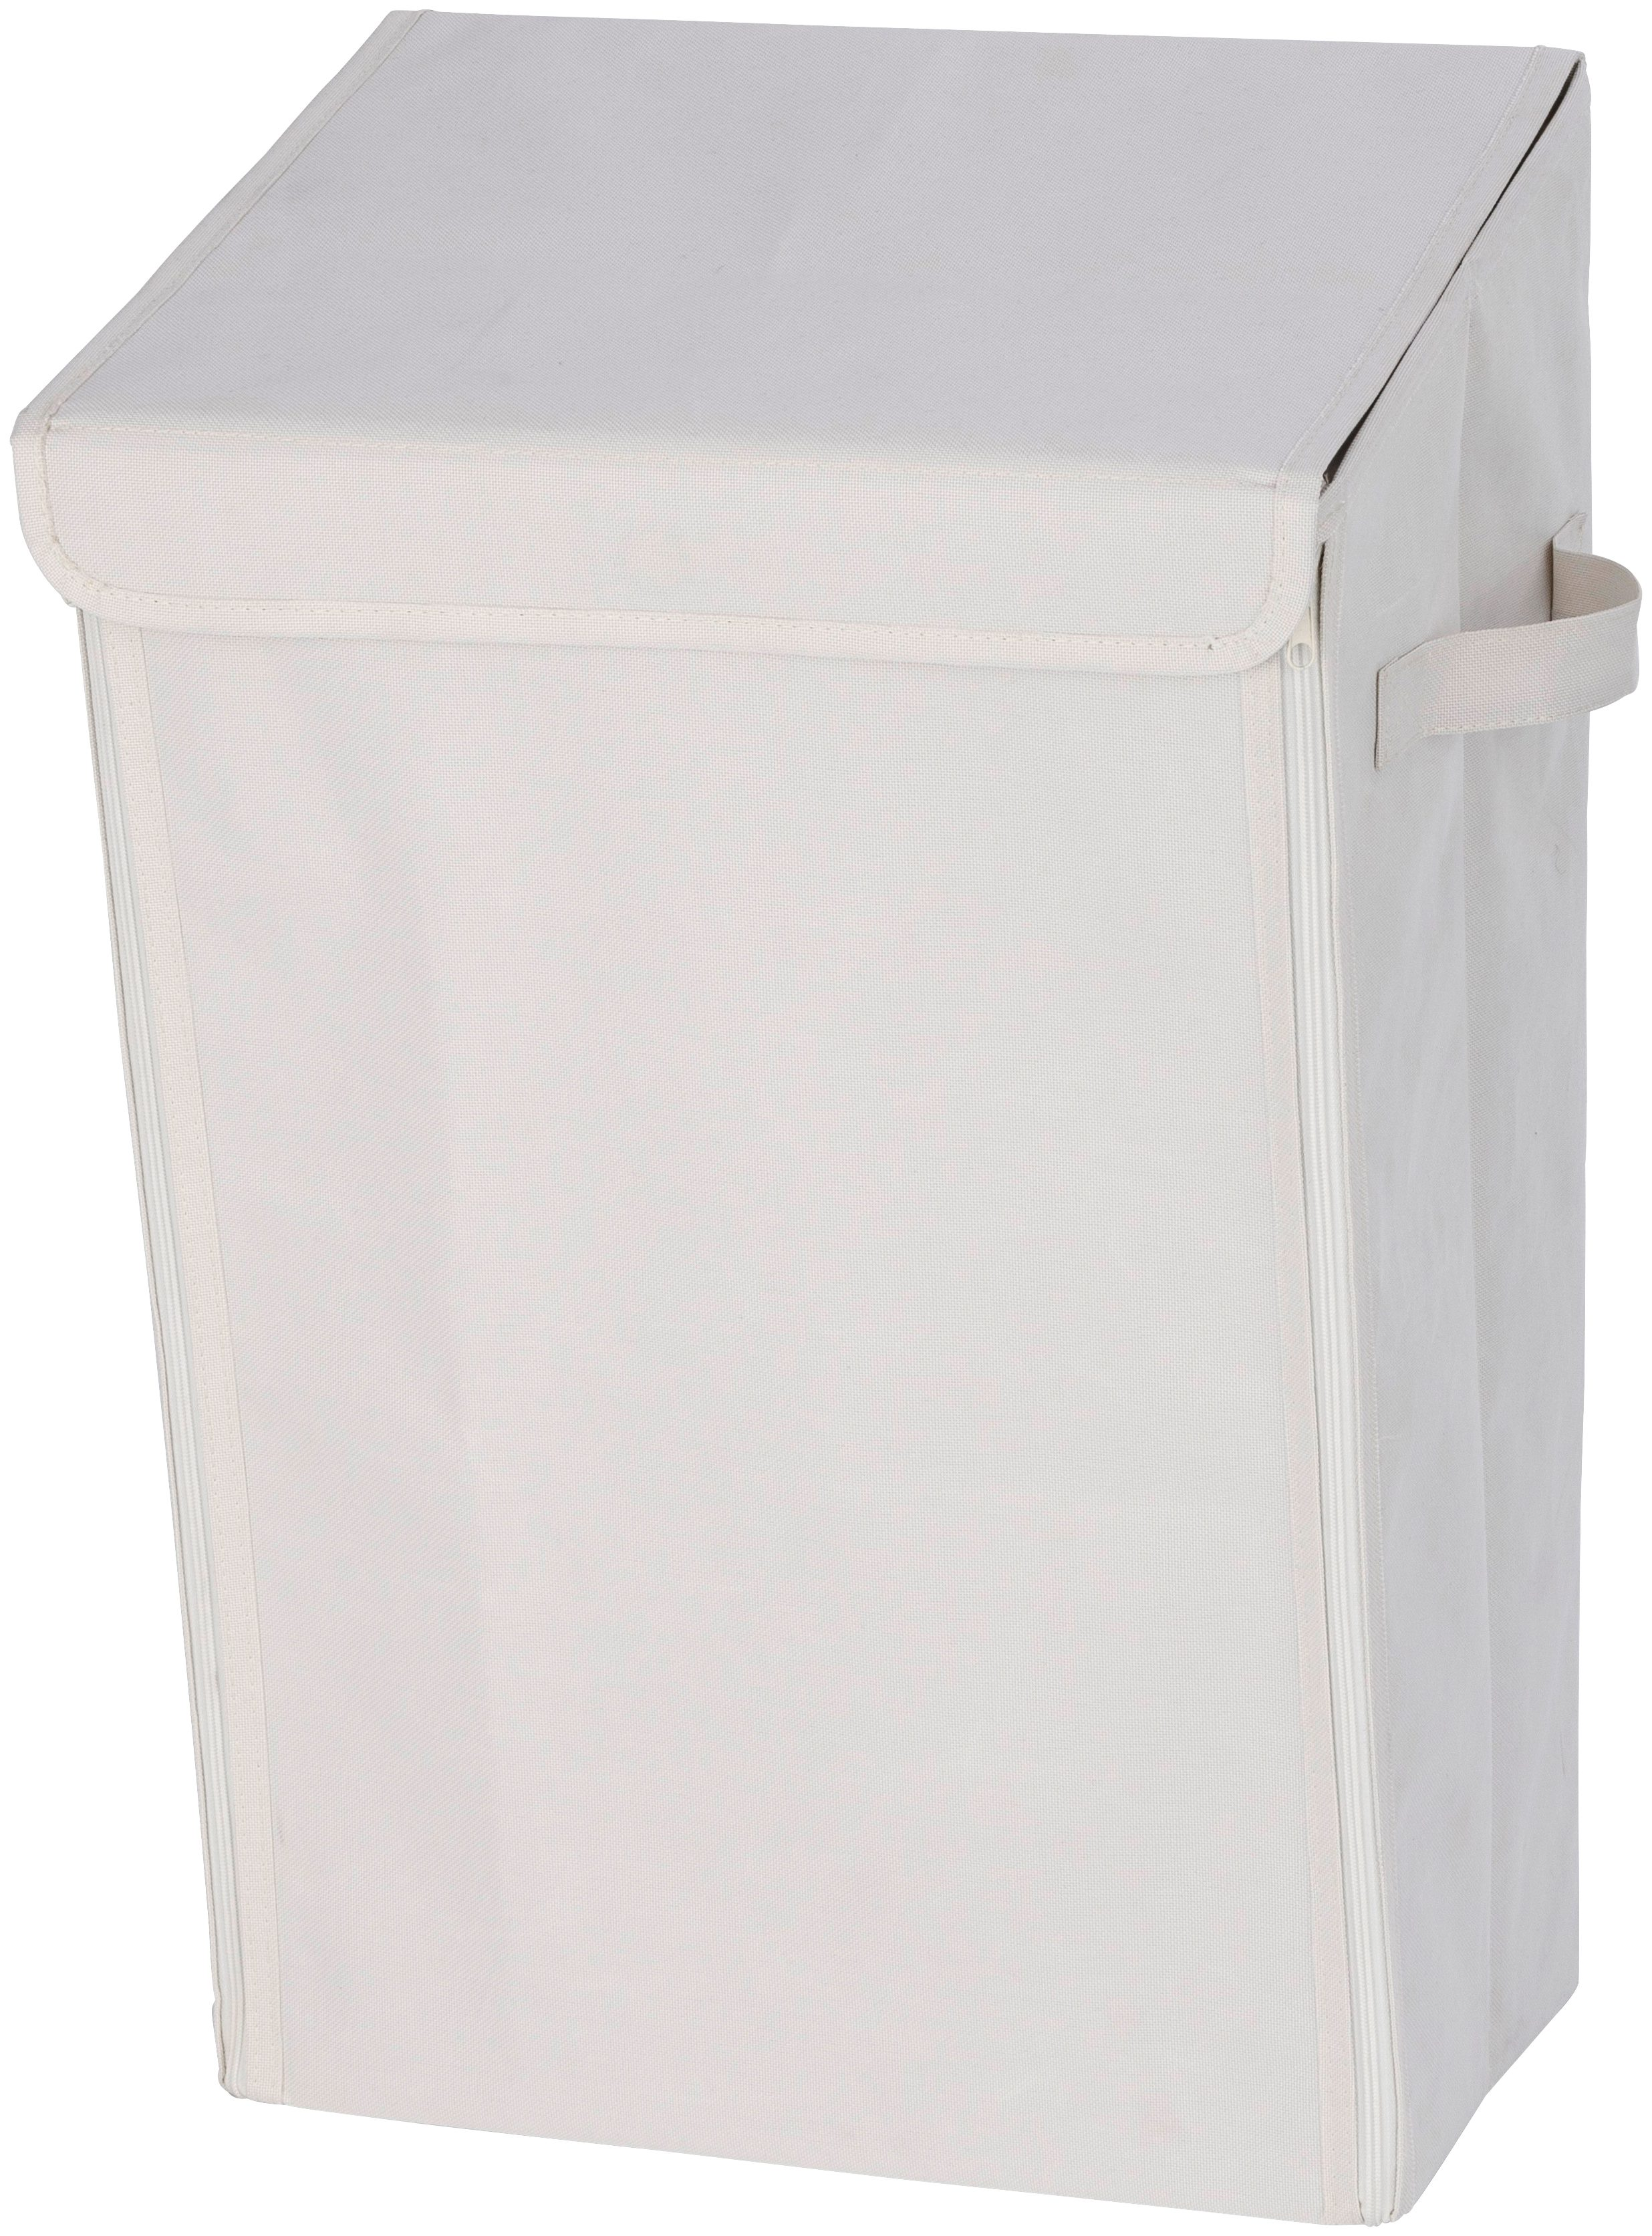 Wäschesammler »Mobiler Wäschesammler beige«